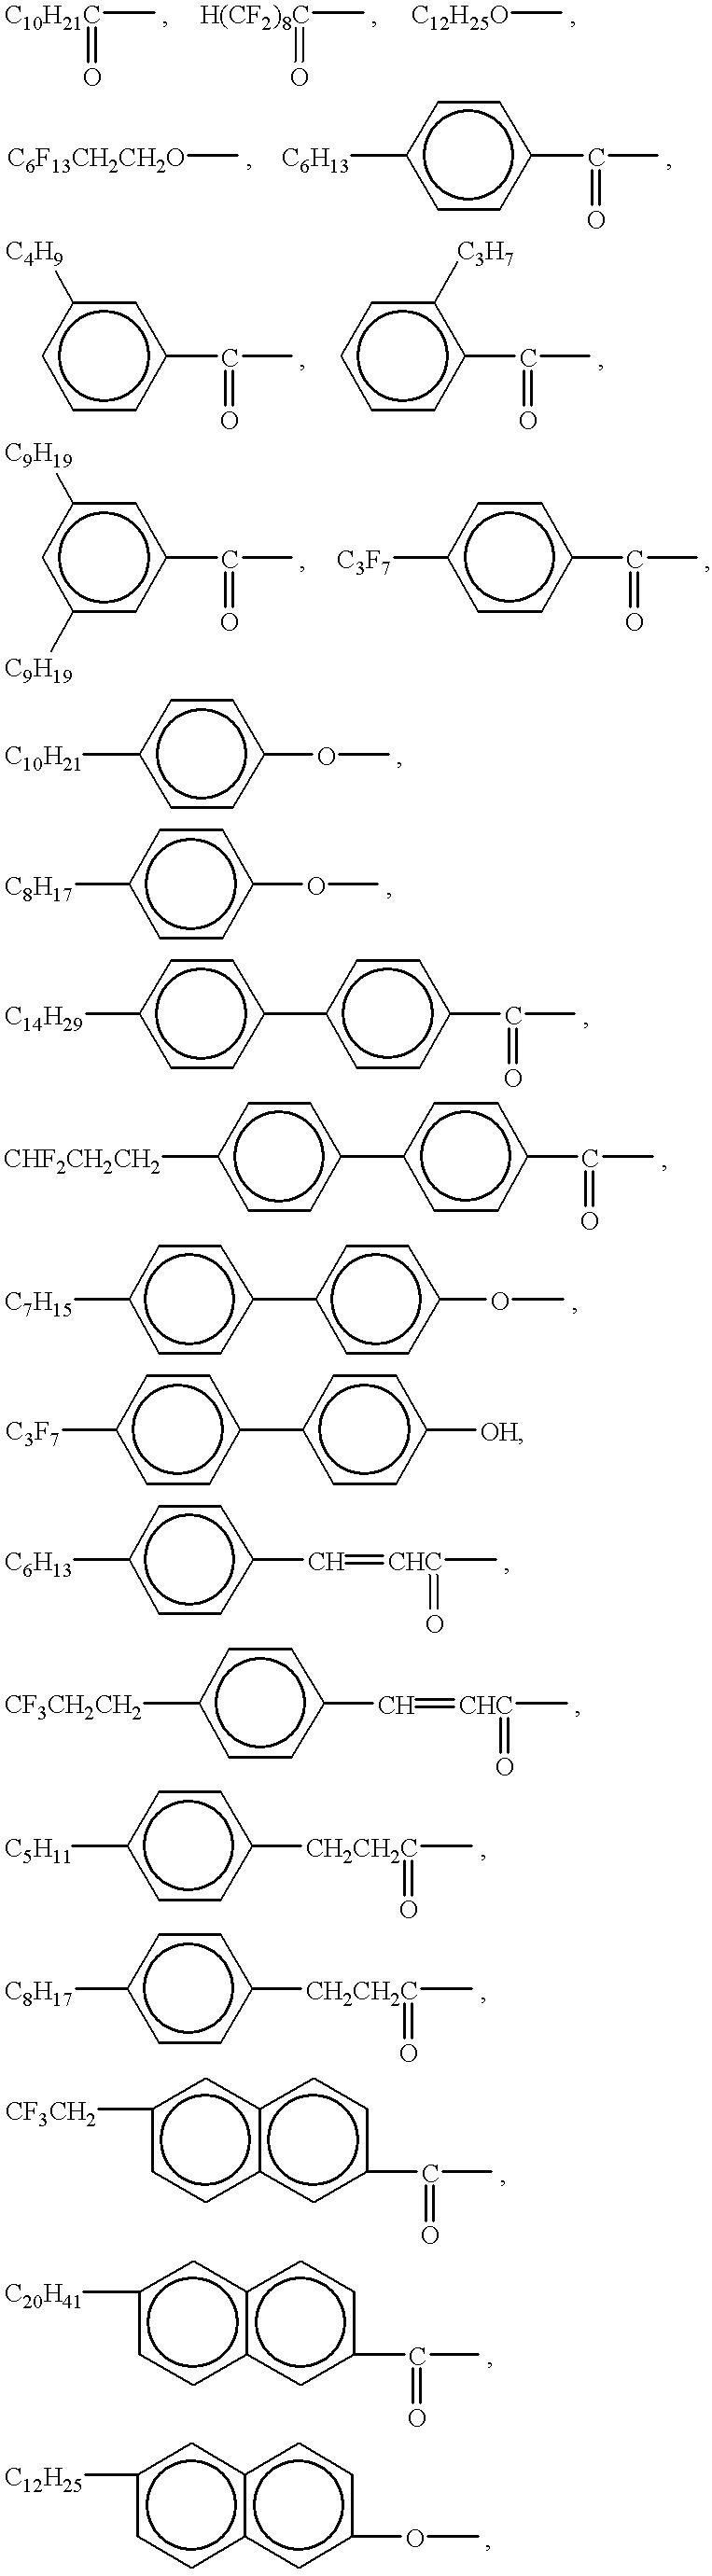 Figure US06261649-20010717-C00002